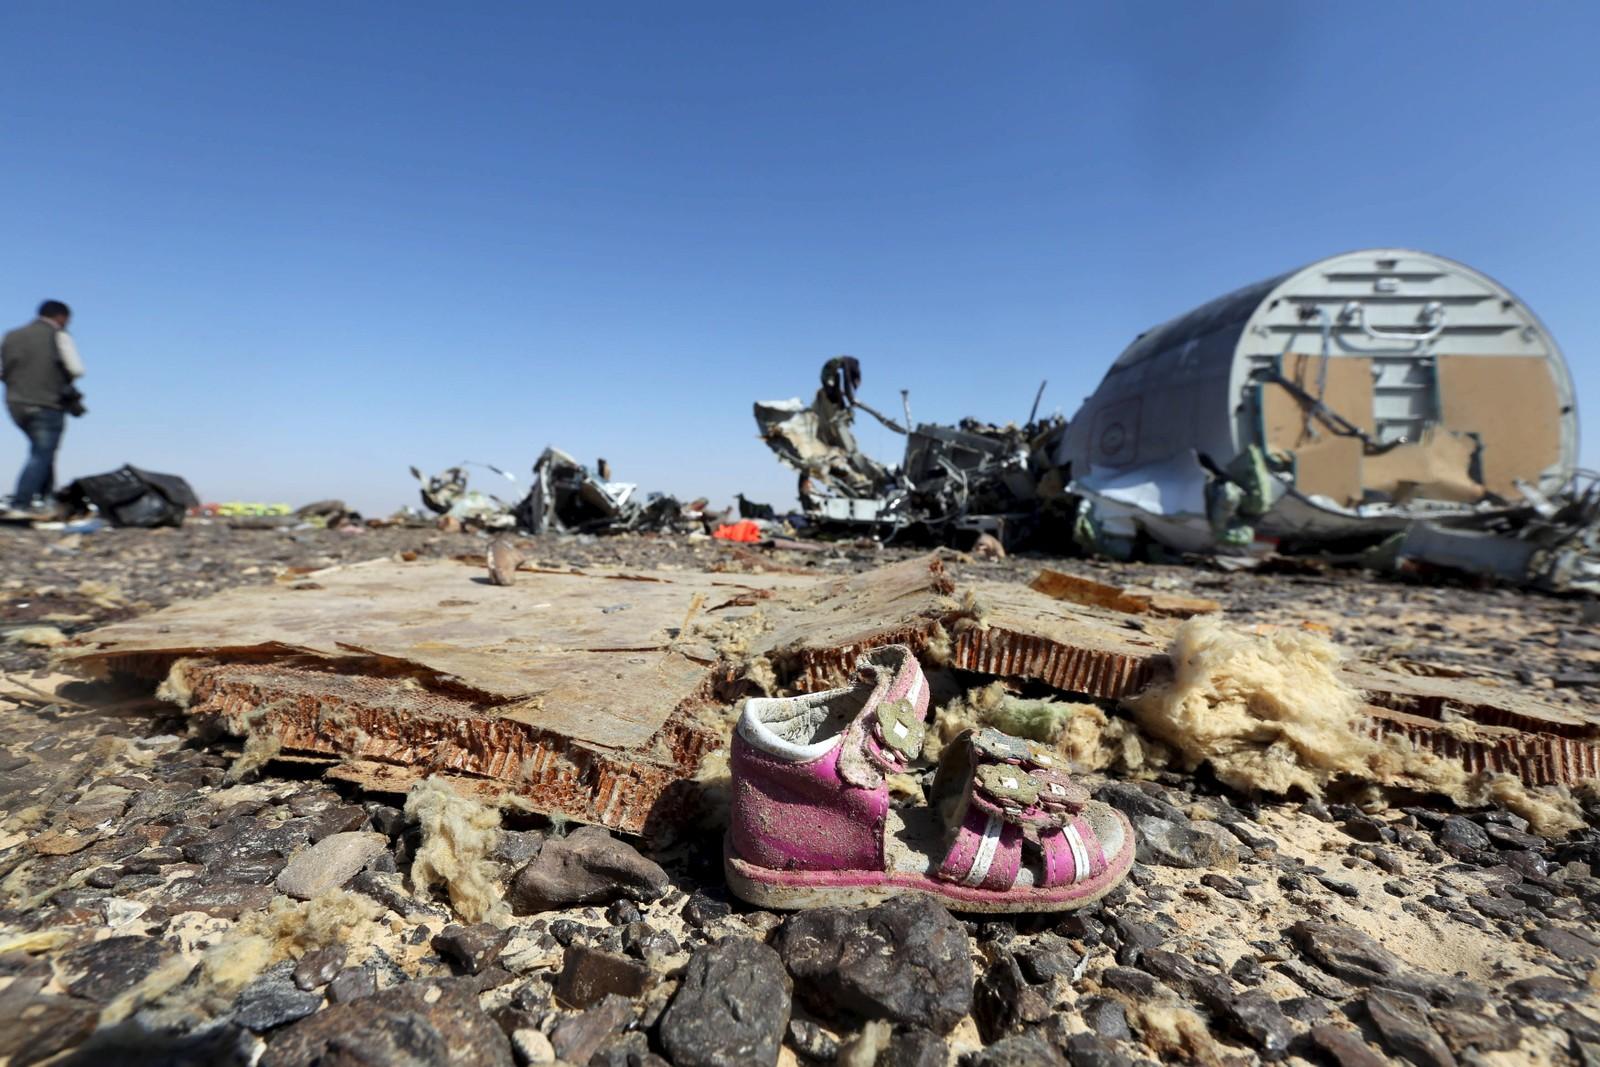 En barnesko ved krasjstedet til det russiske flyet som krasjet på Sinaihalvøya. 224 mennesker døde i flyulykken, hvis årsak fremdeles debatteres.